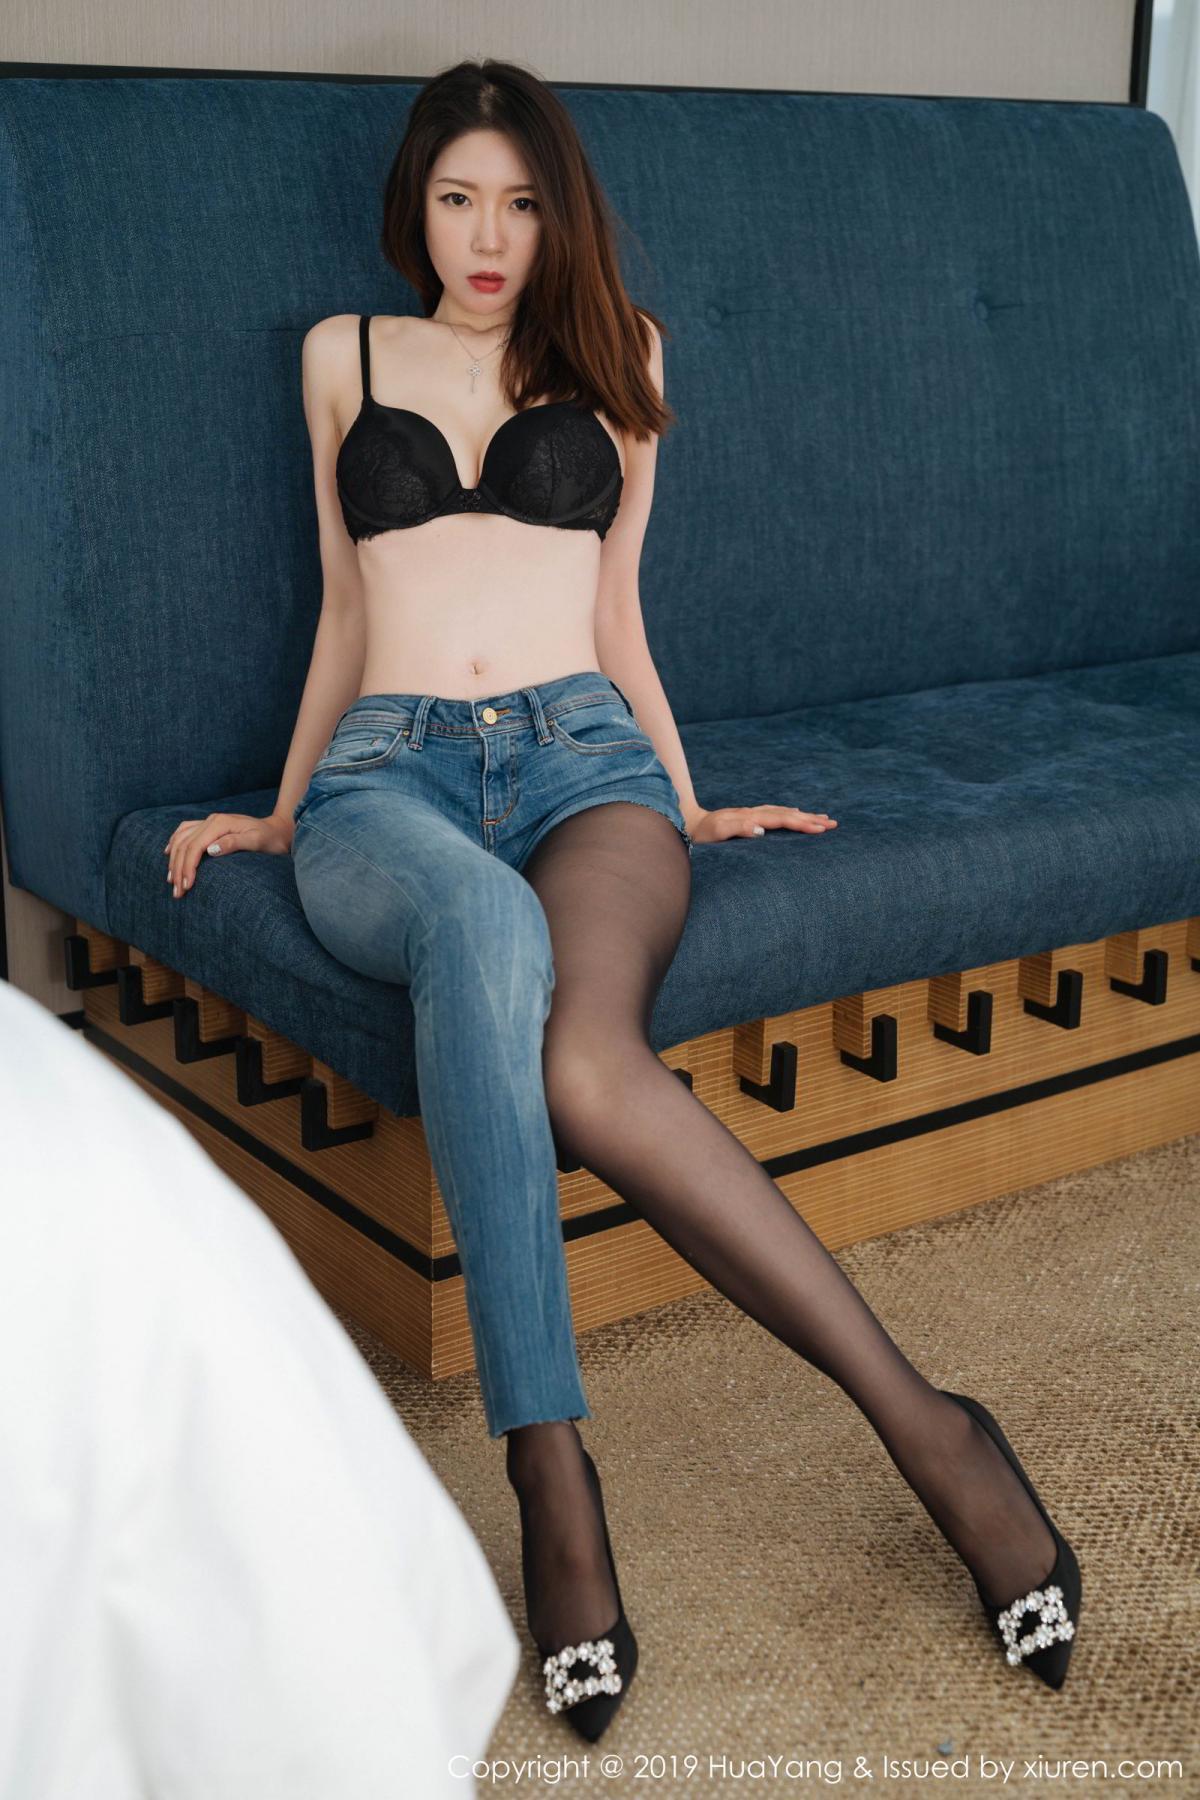 [Huayang] Vol.165 Meng Xin Yue 19P, Adult, HuaYang, Meng Xin Yue, Tall